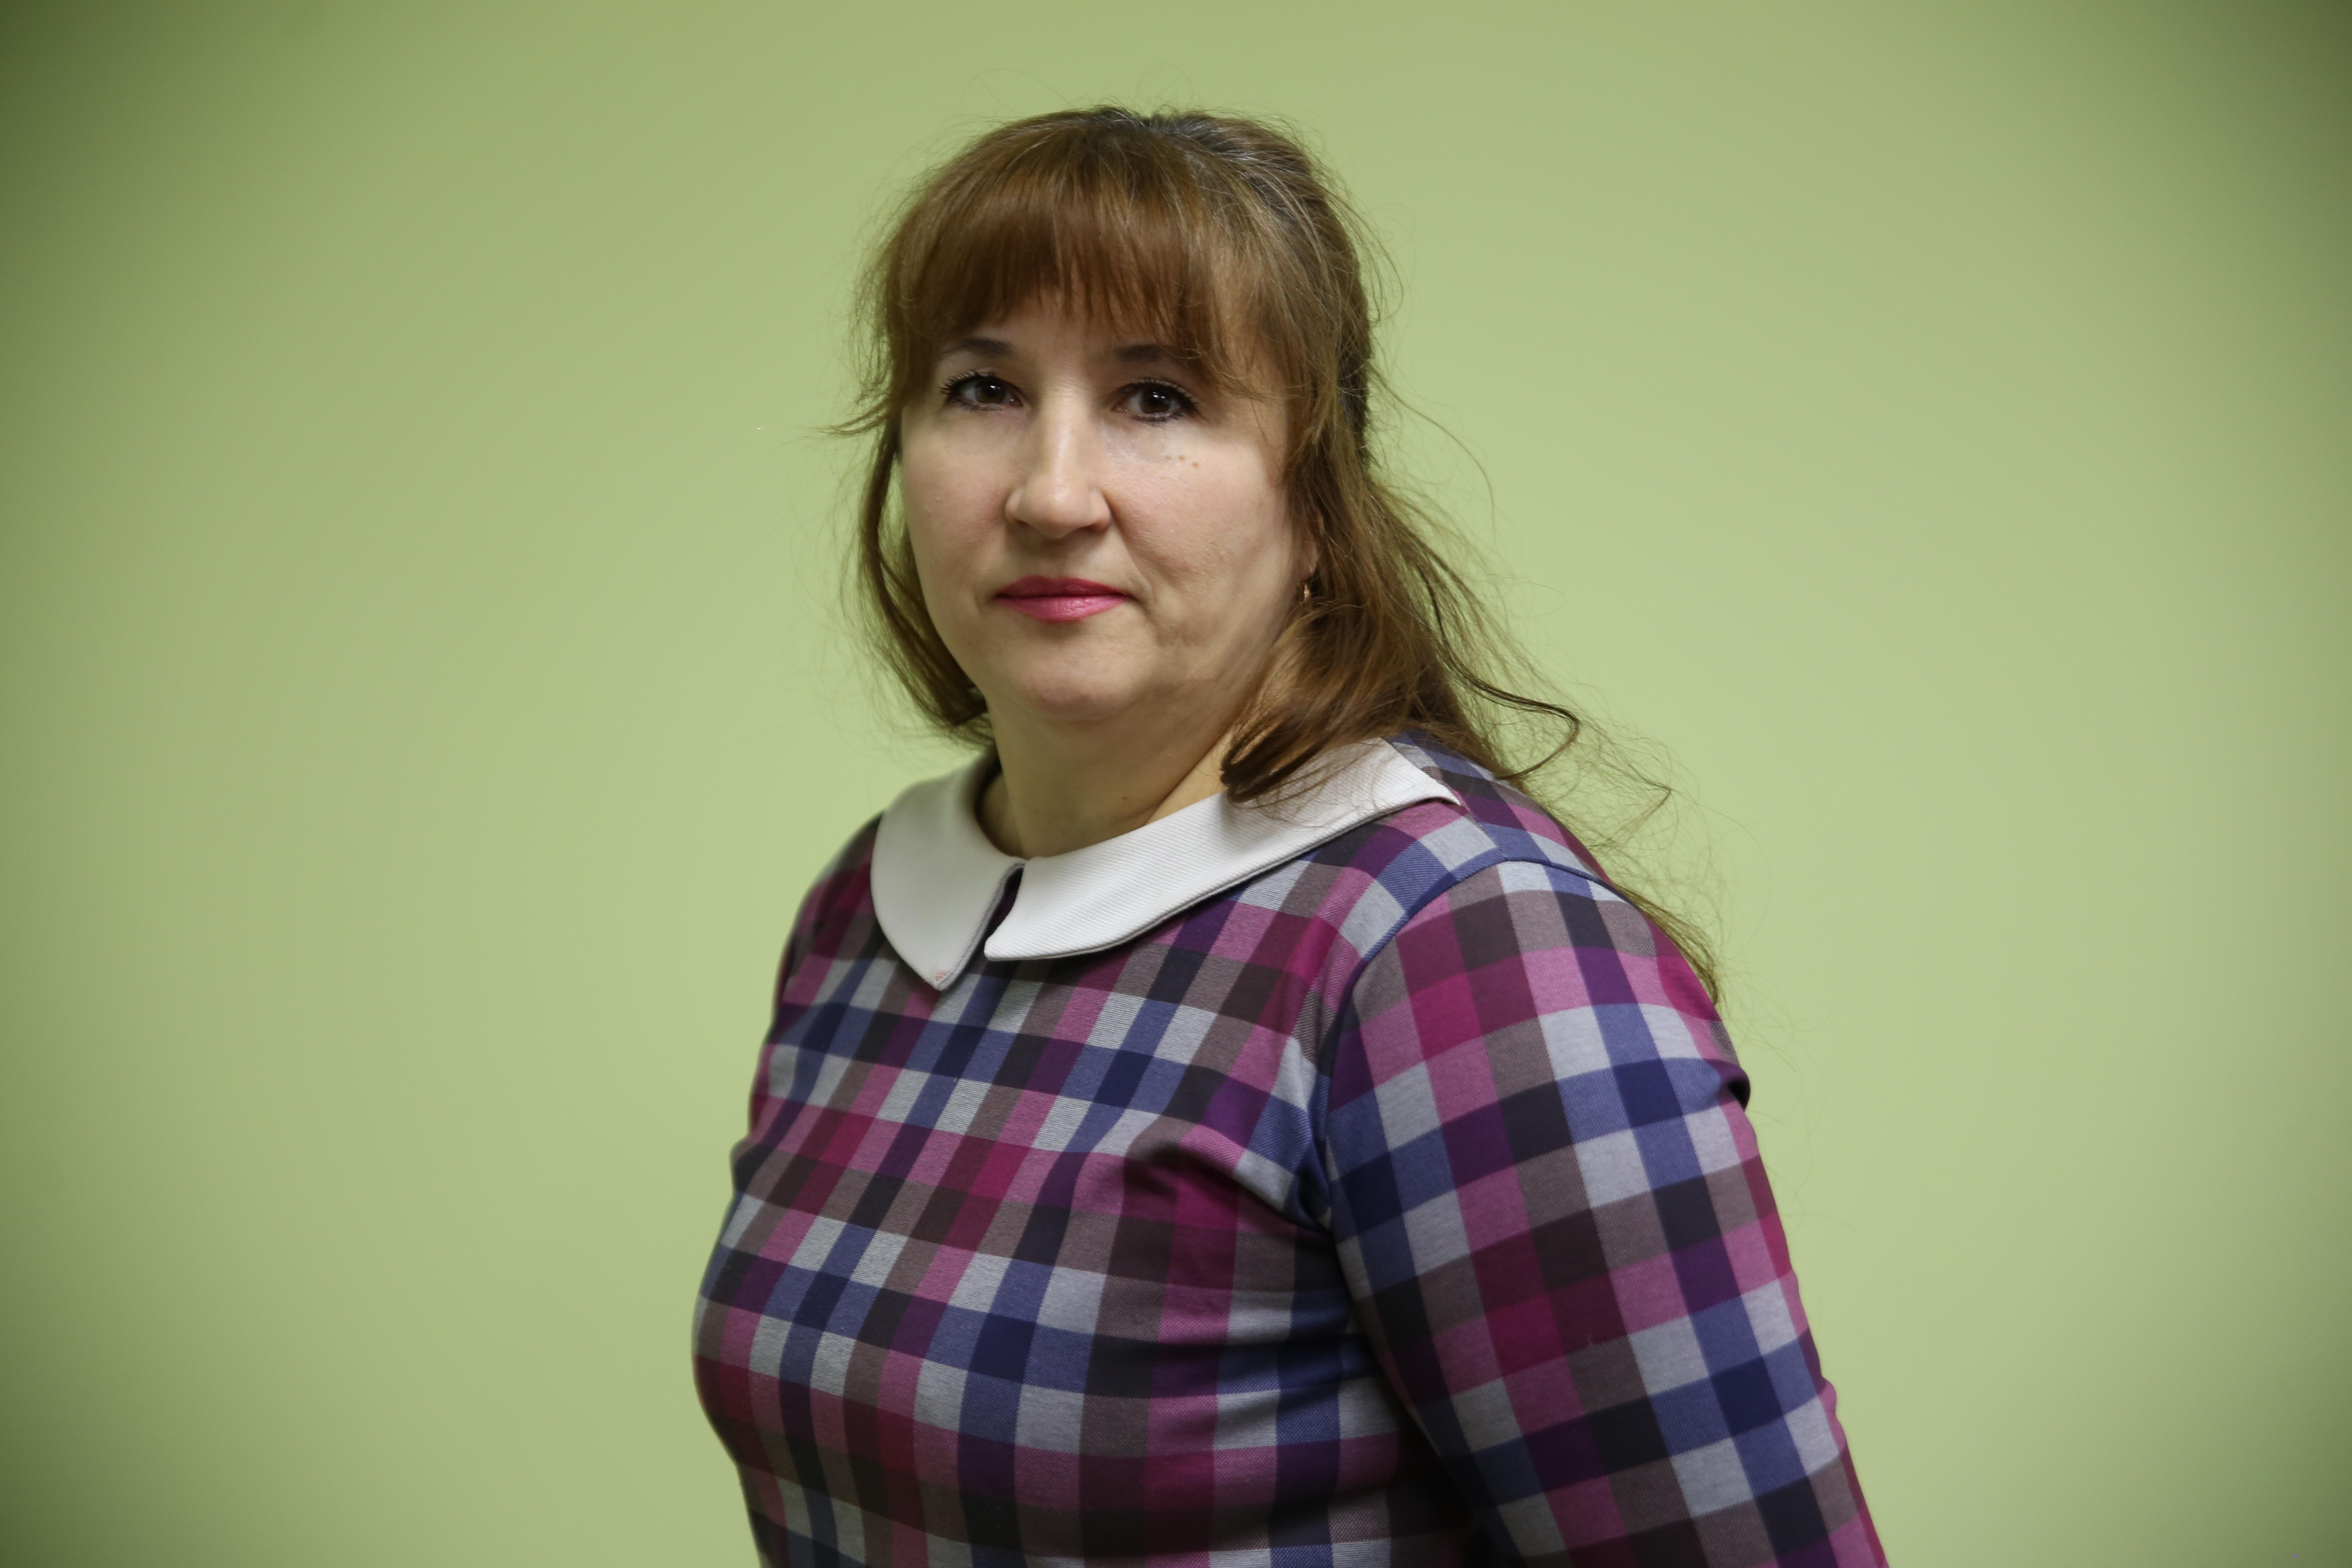 Татьяна Малеж. Фото: Евгений ТИХАНОВИЧ